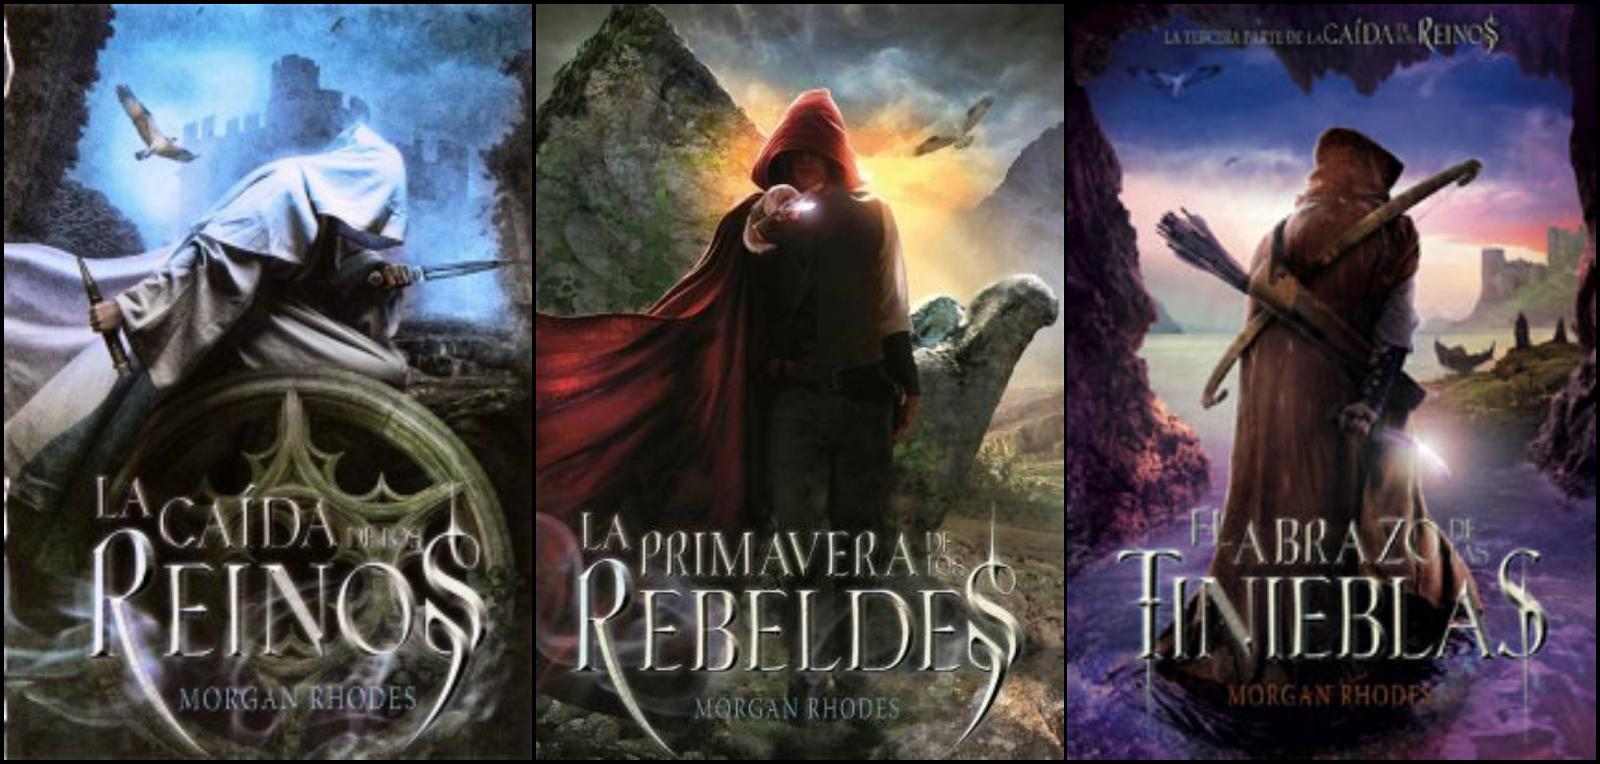 la-primavera-de-los-rebeldes-y-el-abrazo-de-las-tinieblas-morgan-rhodes-book-tag-el-verano-interesantes-recomendaciones-literatura-opinion-nominaciones-blogs-blogger